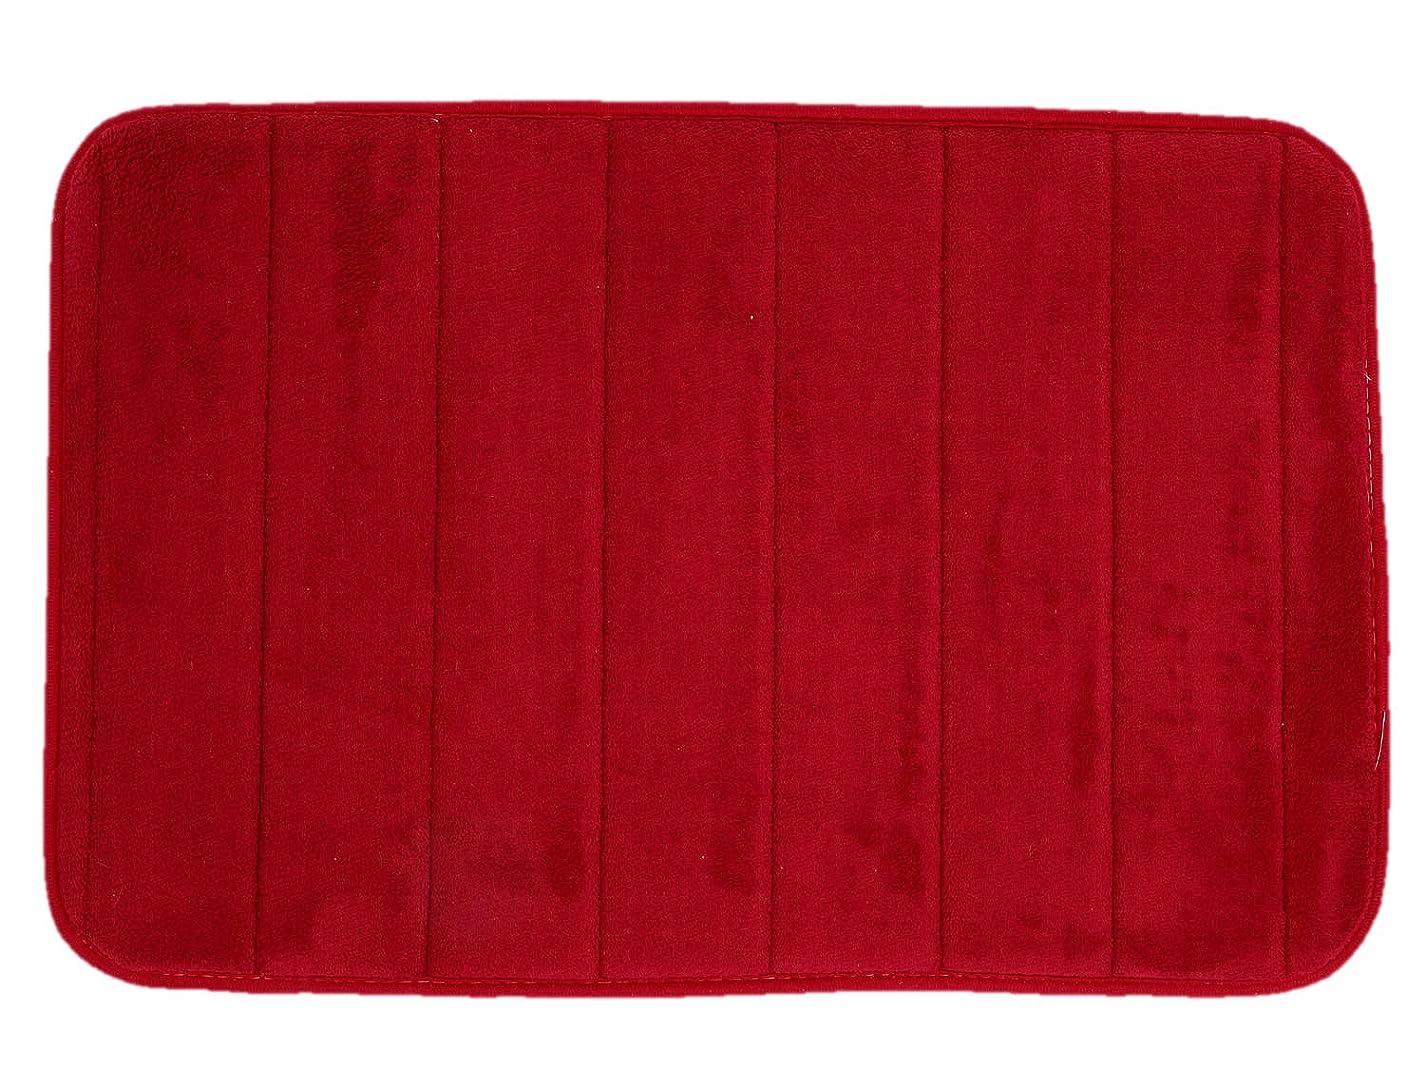 分類する文明化文明化LuckyTail バスマット フロアマット 足ふきマット 吸水 速乾 丸洗い 洗濯 滑り止め仕様 台所 風呂 玄関 やわらか マット (レッド, 40×60cm)